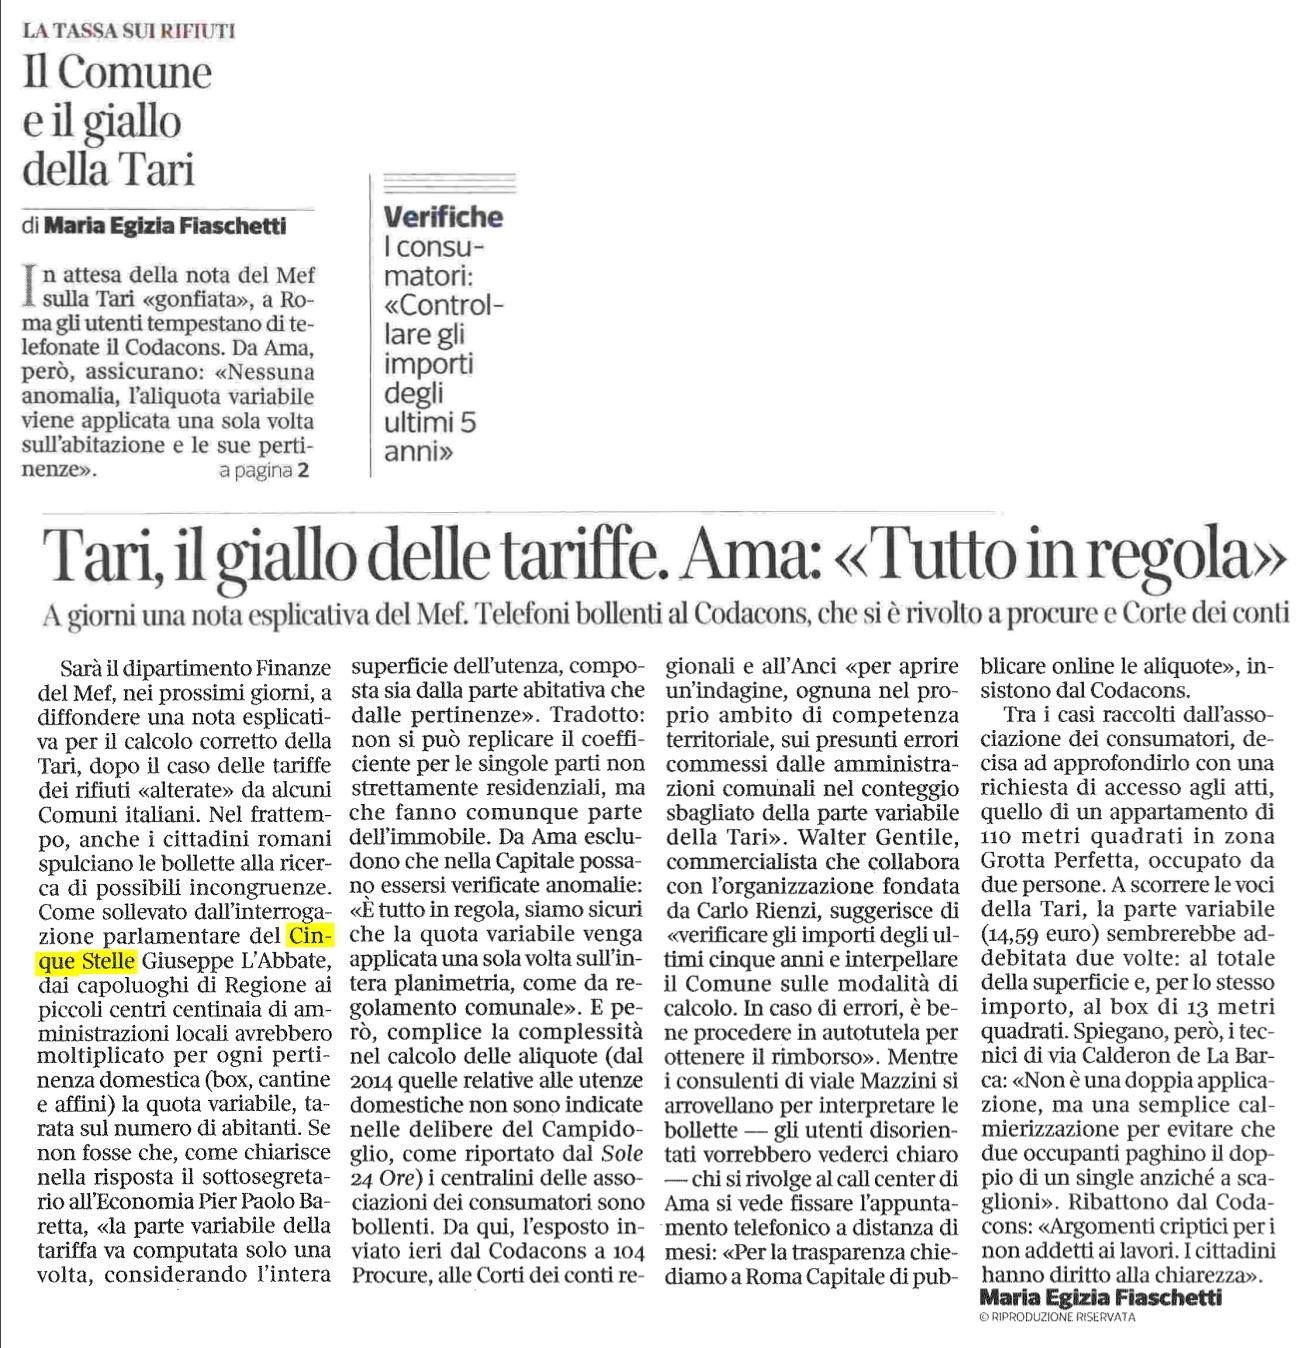 Il Corriere della Sera - Roma - 14.11.2017